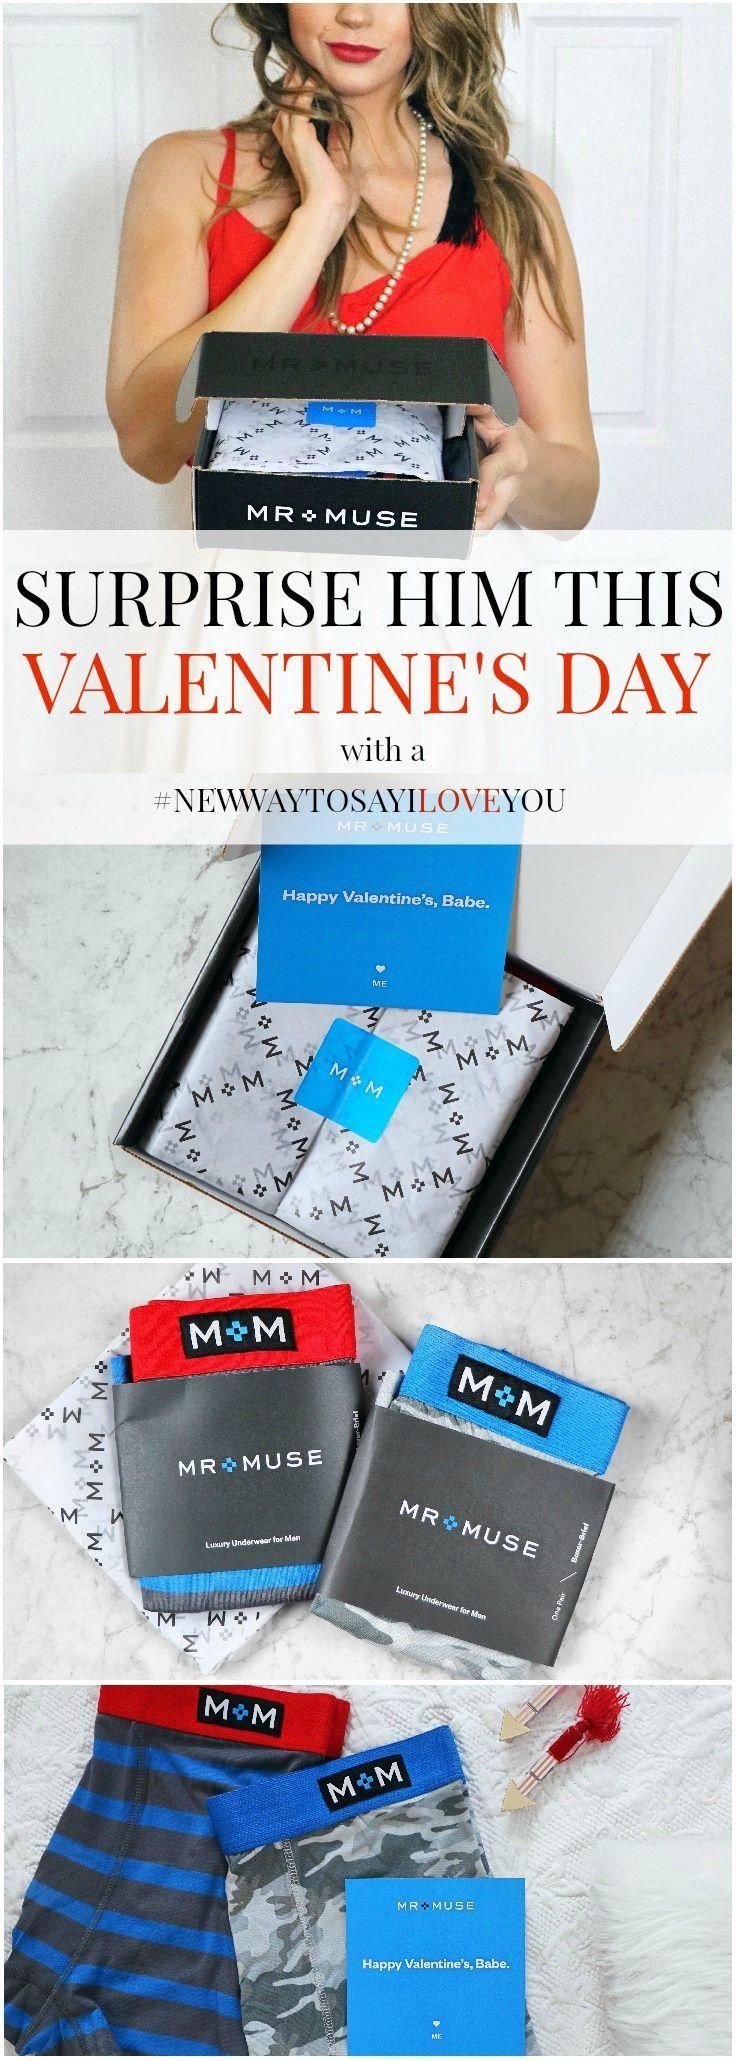 Best Valentine's gift for husband / boyfriend. luxury underwear with discount code! MUSE20